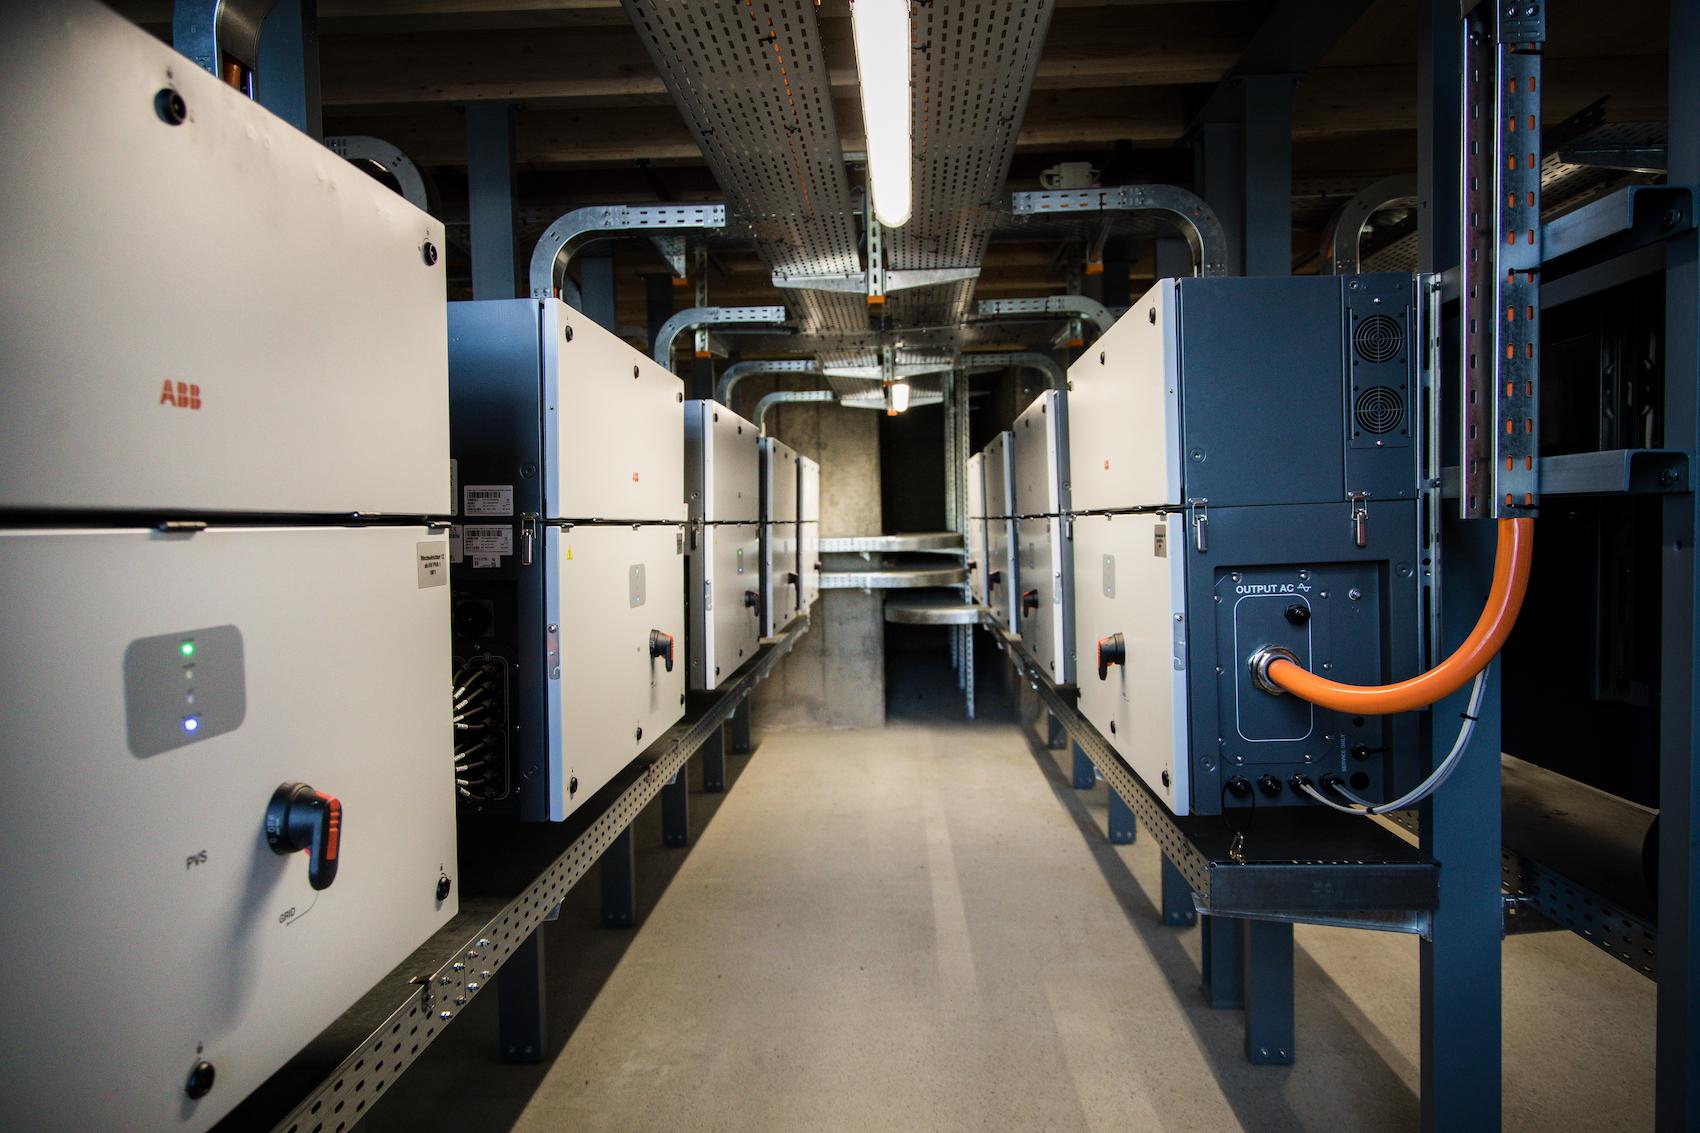 Plus de 500 kilomètres de câbles ont été posés pendant la construction de l'installation.